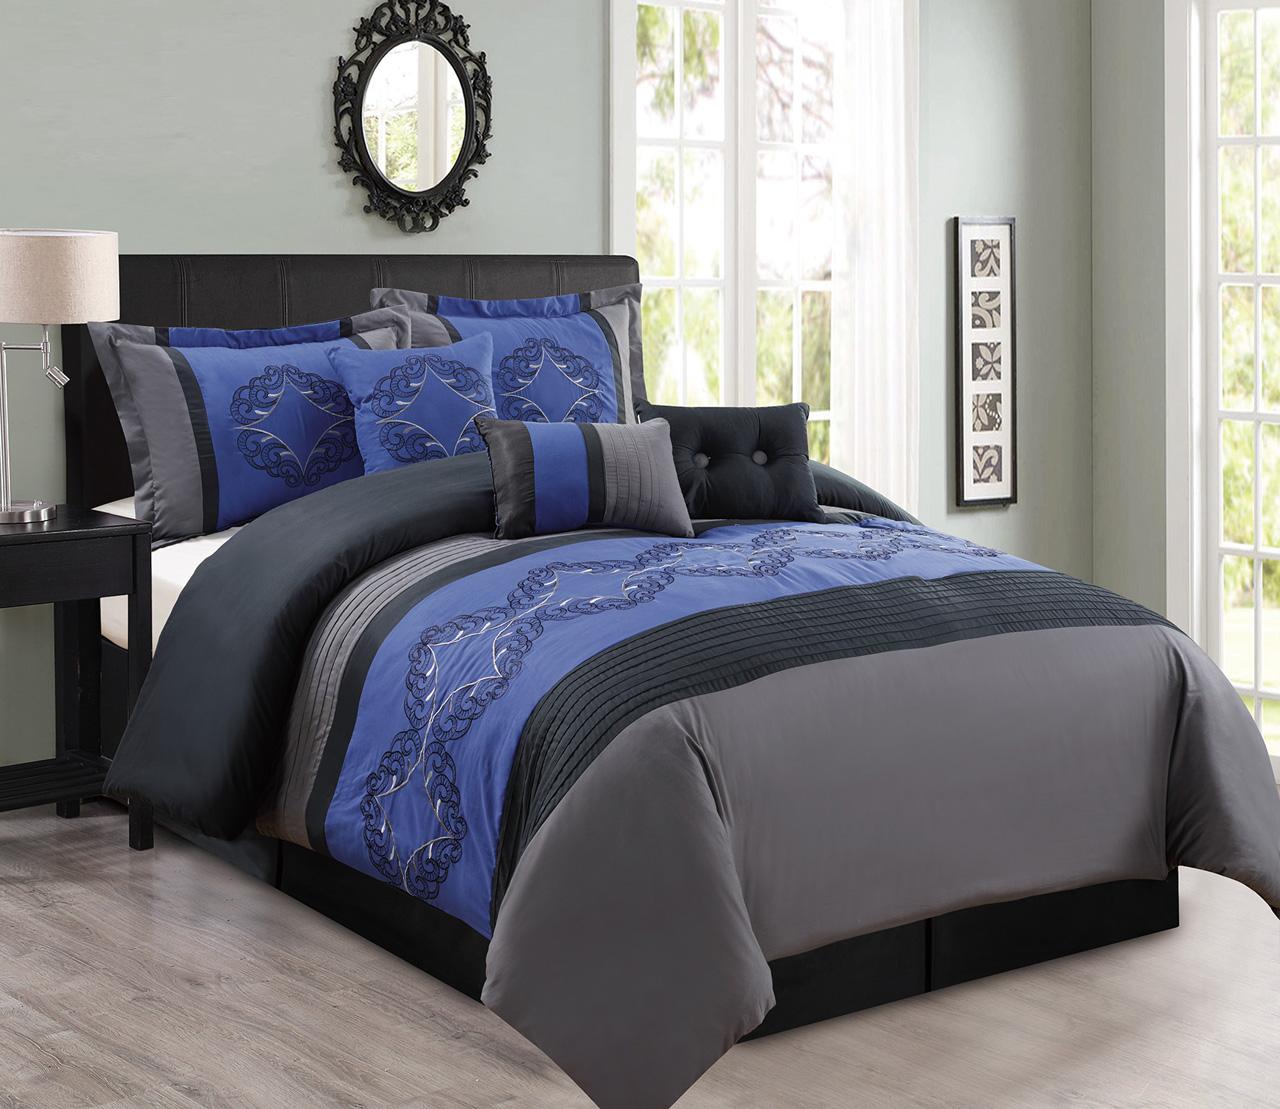 7 piece embroidered crescent comforter set ebay. Black Bedroom Furniture Sets. Home Design Ideas